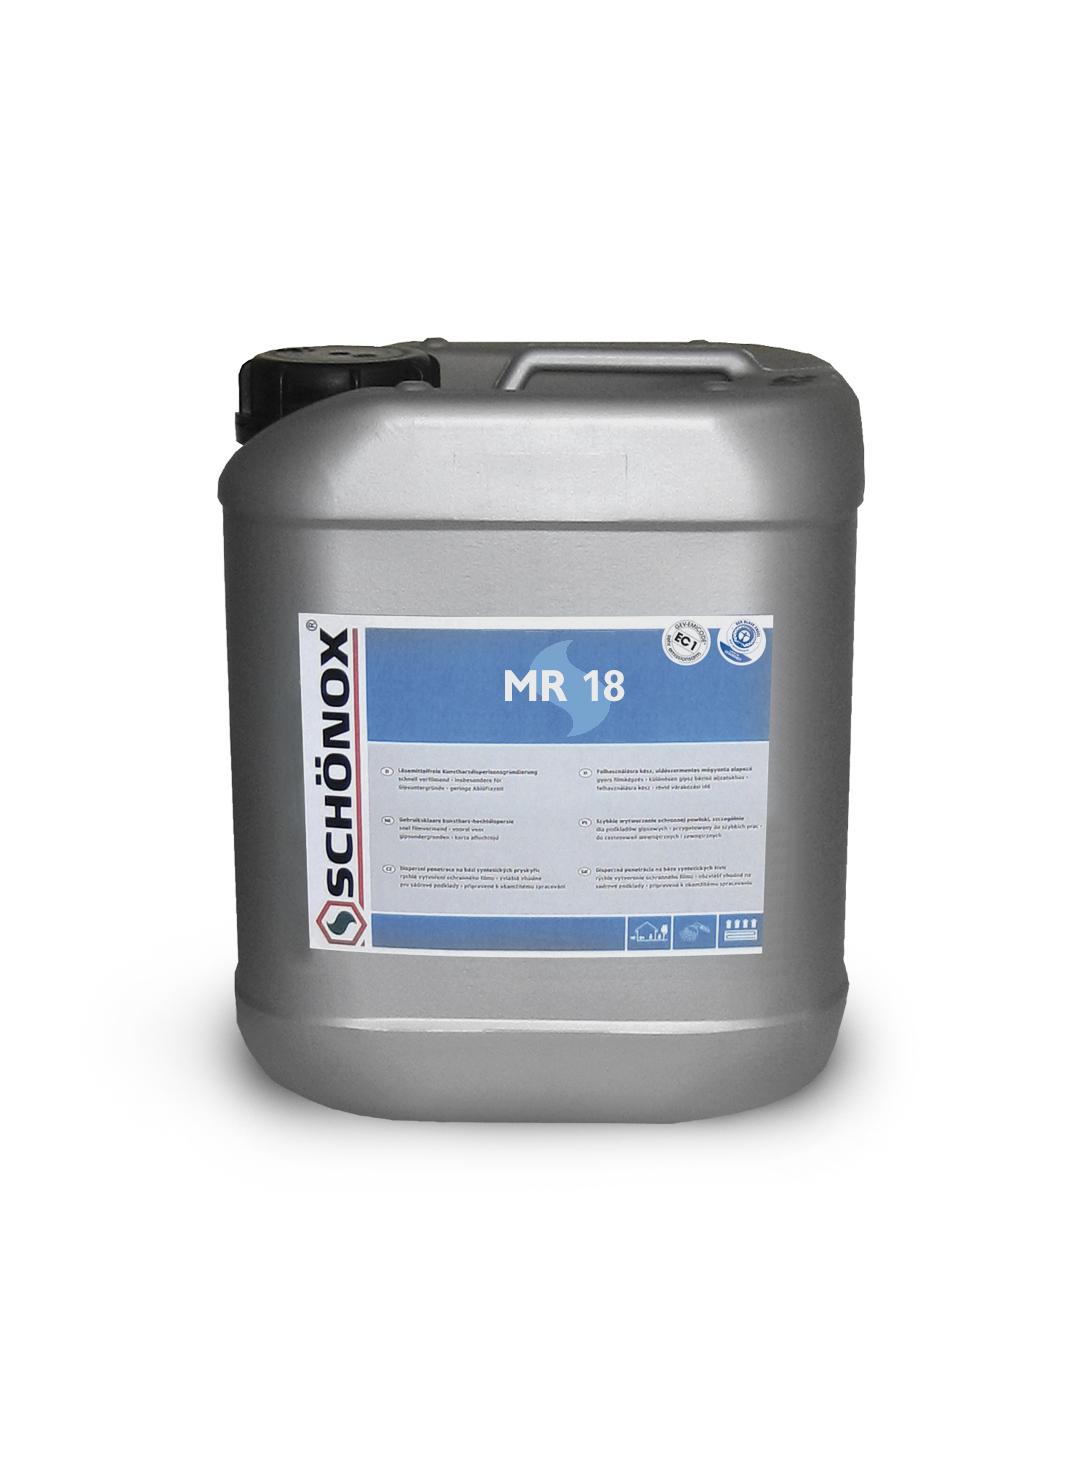 Mr 18 Commercial Flooring Distributors